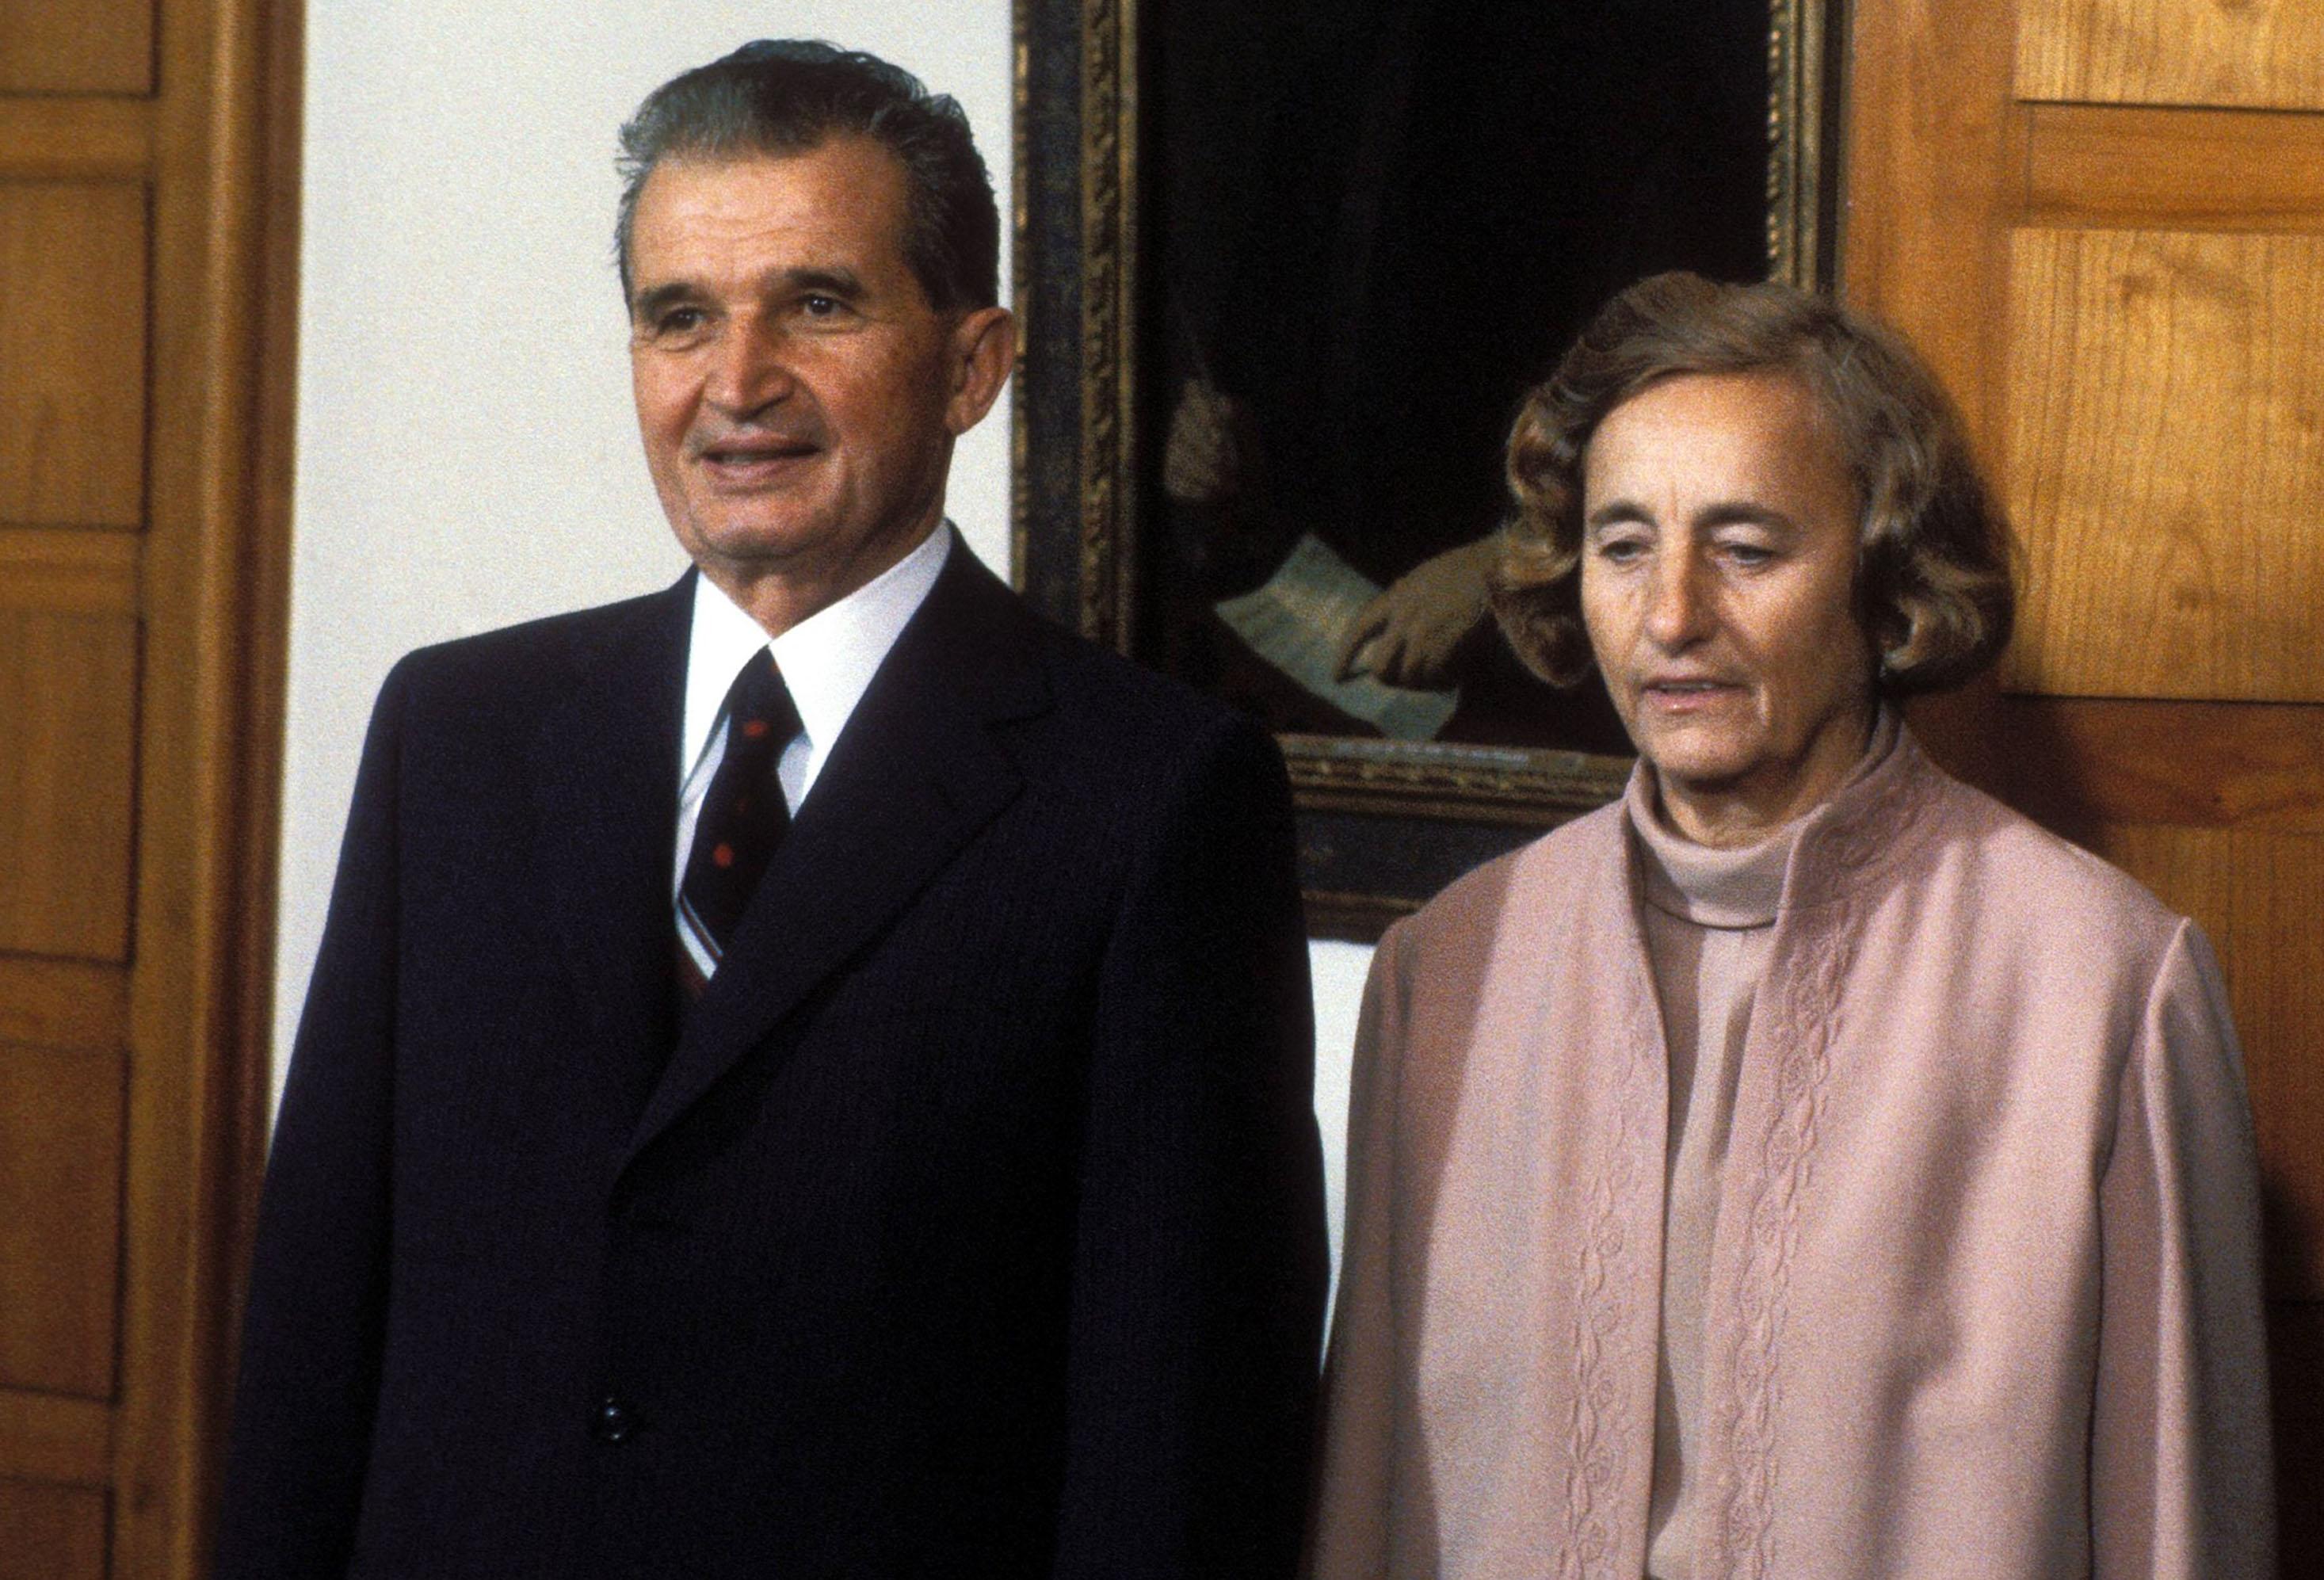 Legendele spun ca Nicolae si Elena Ceausescu s-ar fi infuriat cumplit si ar fi ordonat asasinarea parintelui Arsenie, dupa ce Sfantul Ardealului le-ar fi prevestit moartea